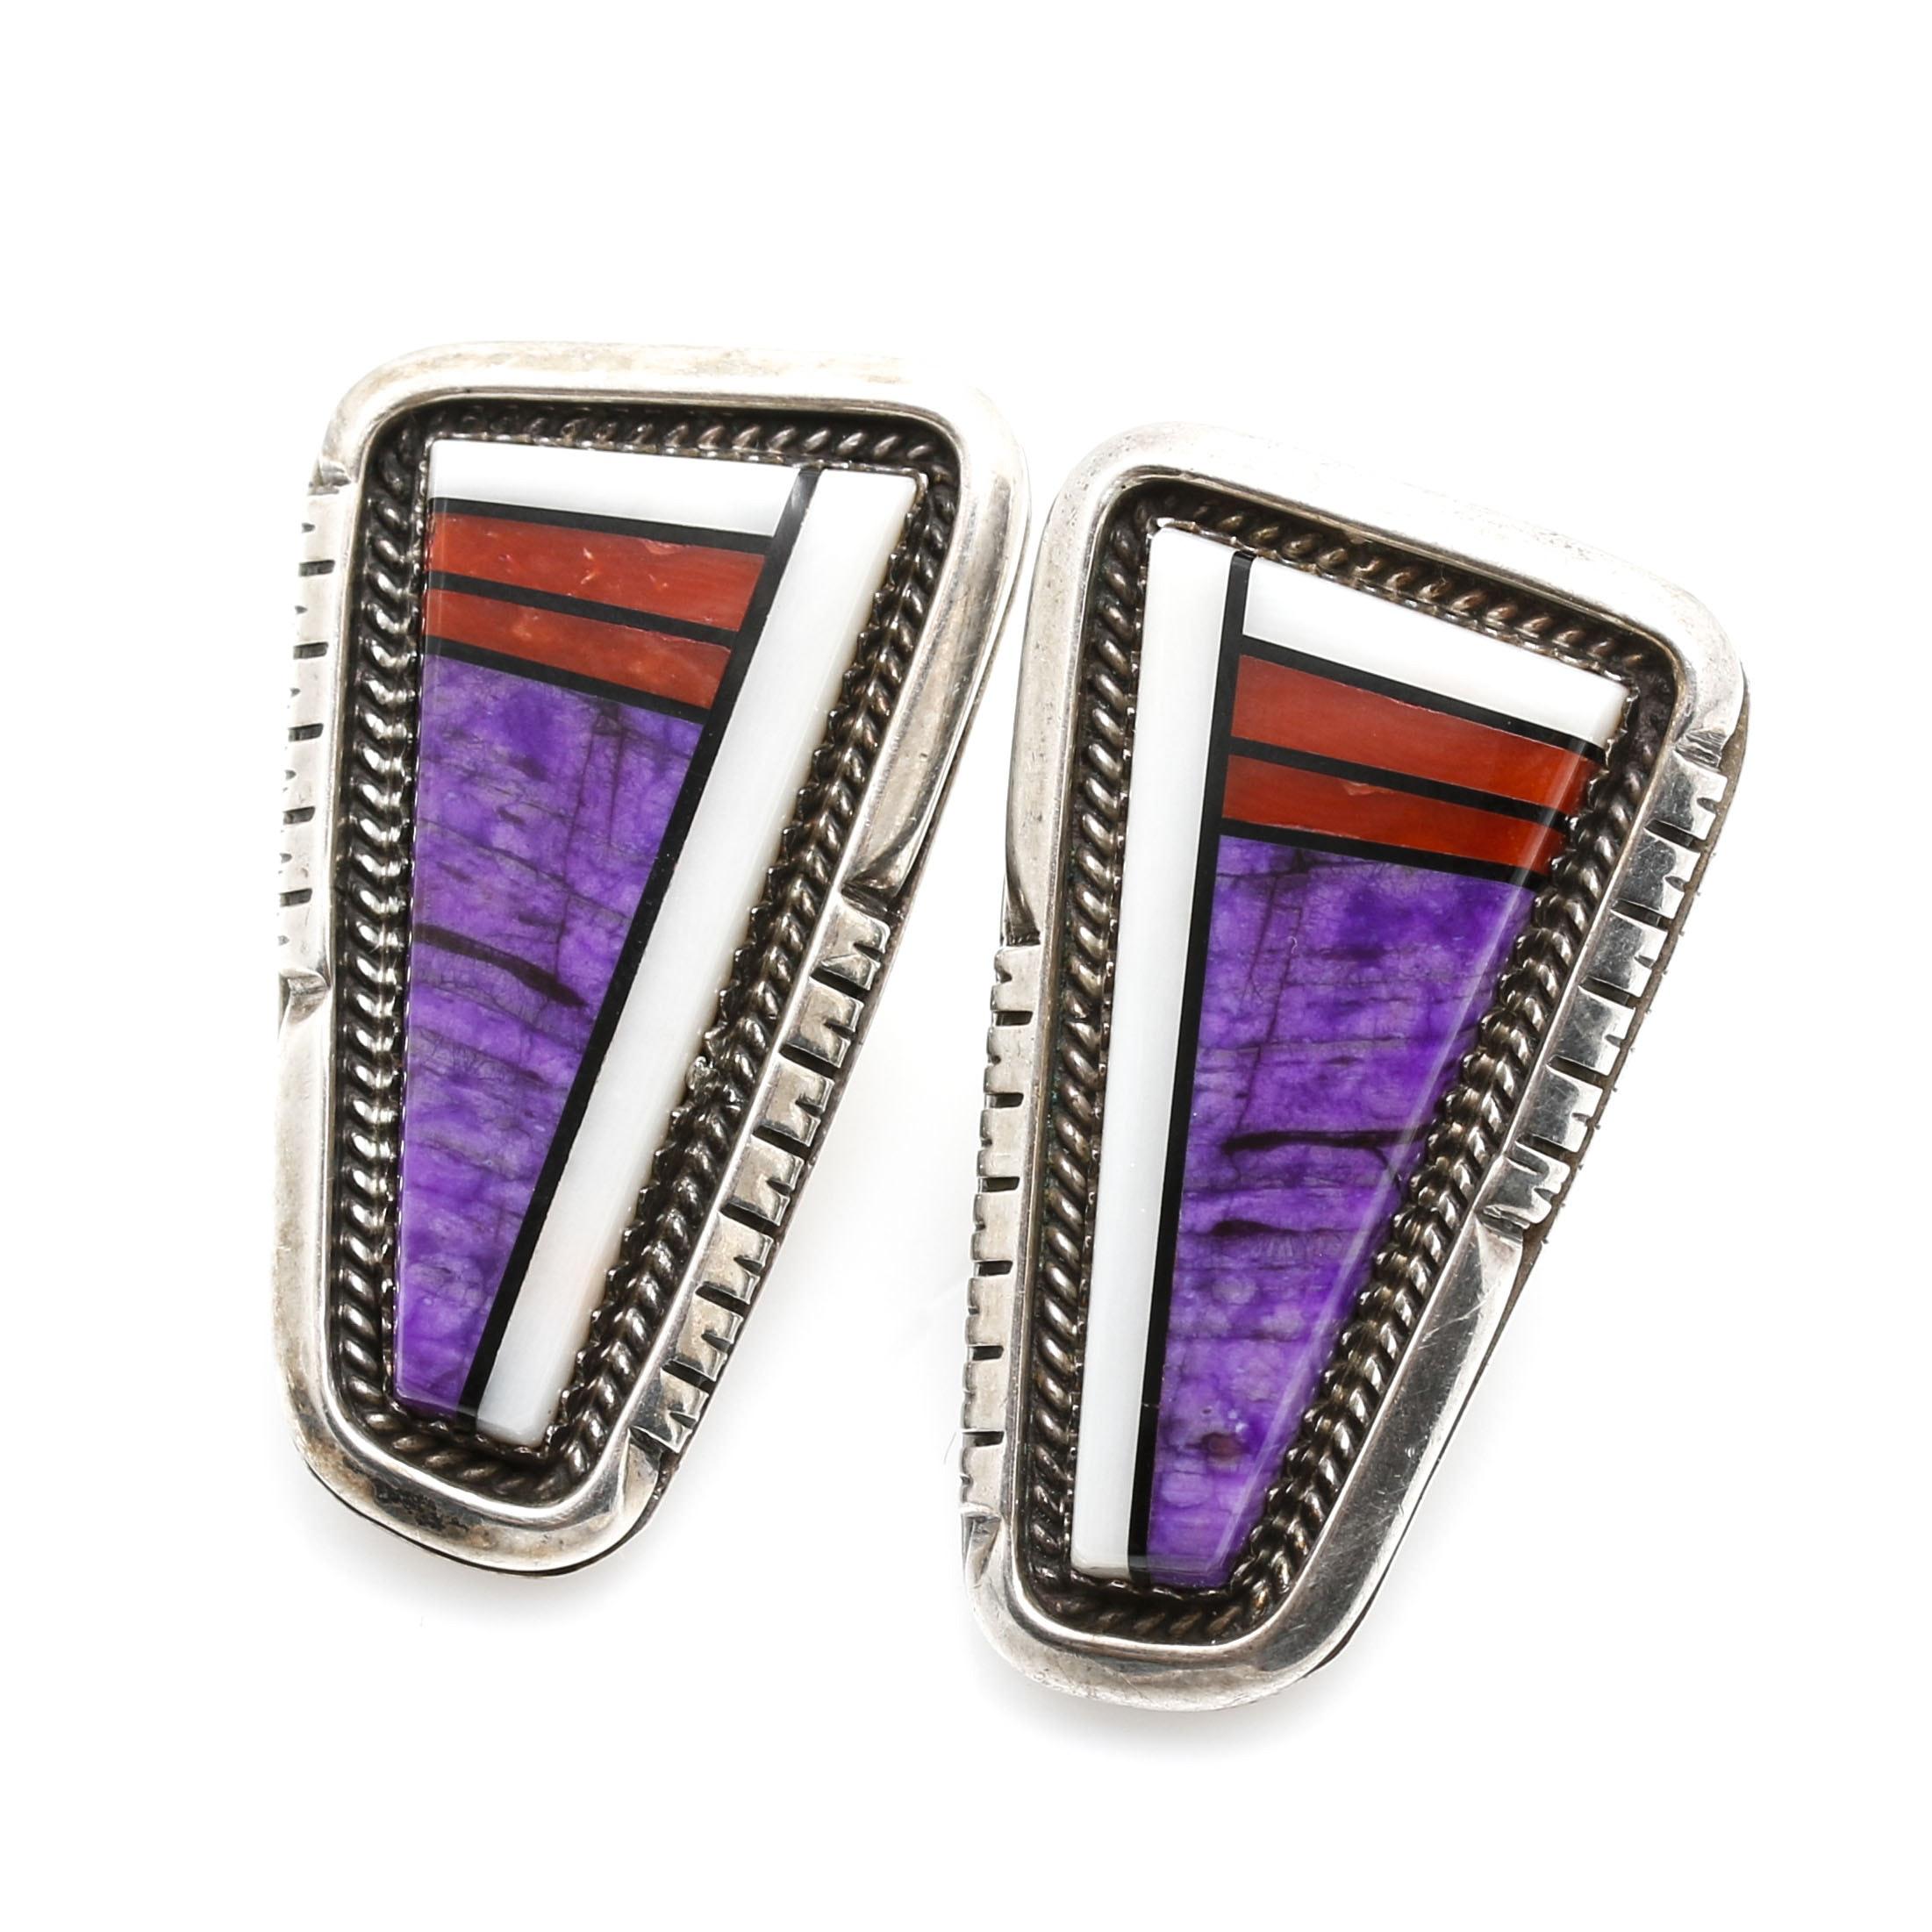 Navajo Style Sterling Silver Gemstone Mosaic Inlay Earrings